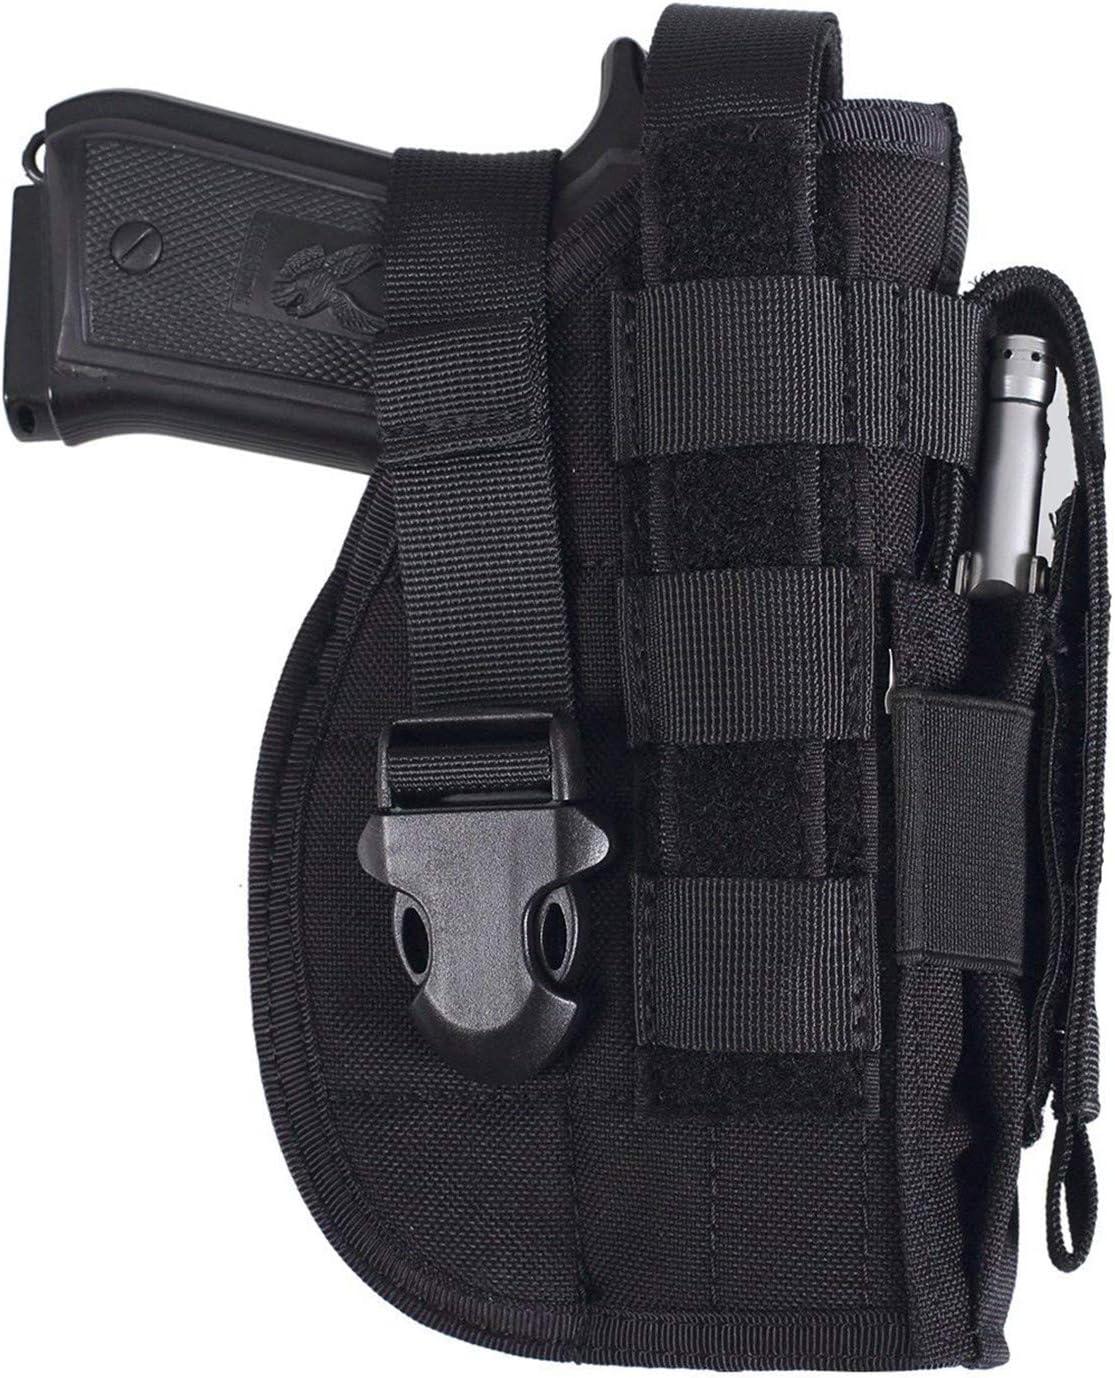 Gexgune Funda de Pistola táctica Universal Mano Derecha Molle Pistola de Pistola Airsoft Cinturón de Cintura Funda Negro Tan Verde Multicam para Mano Derecha (5 Colores Opcionales)